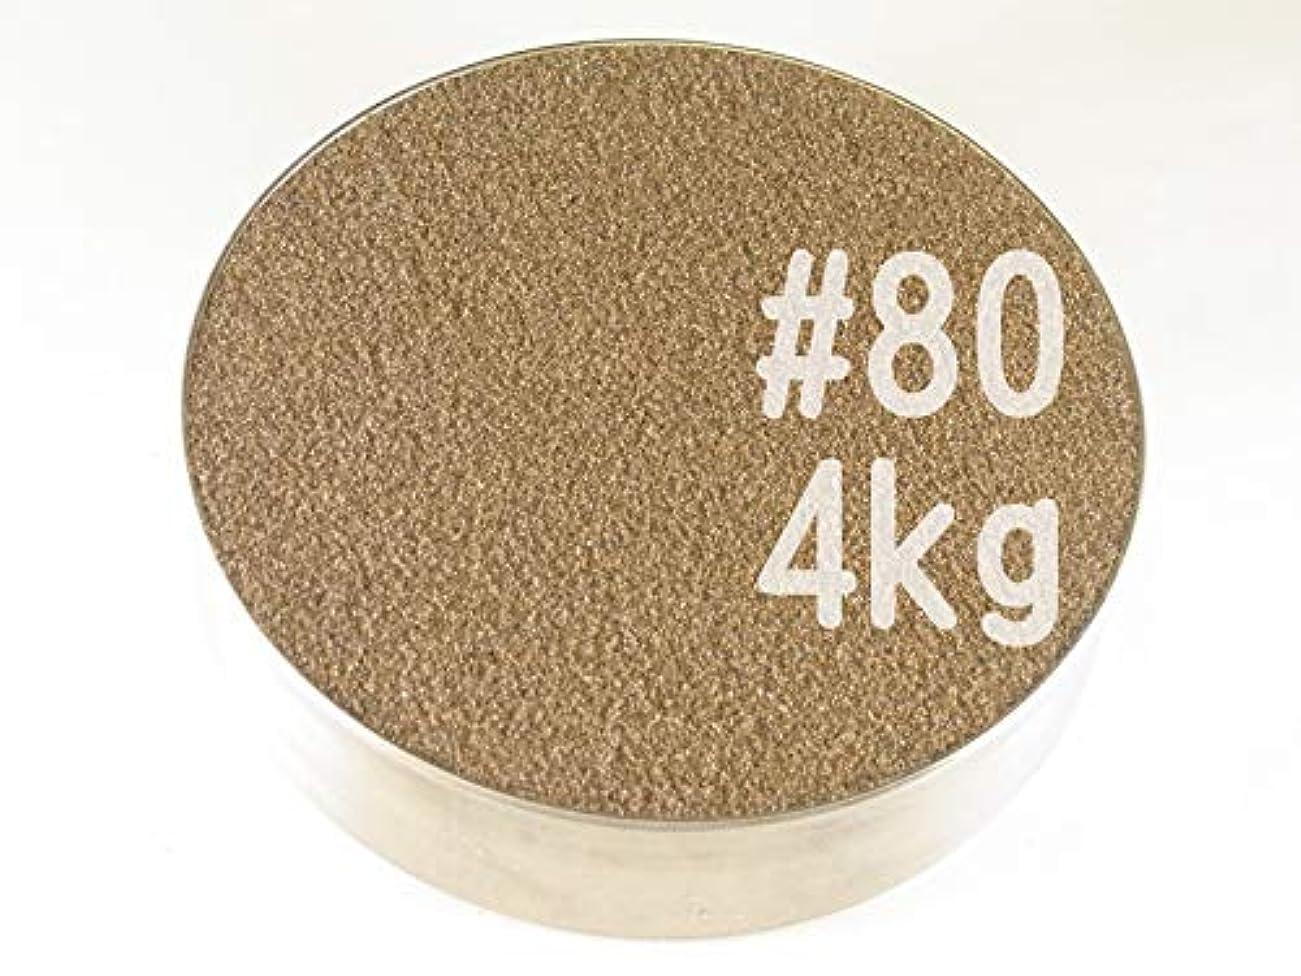 スチュワード慣習樫の木#80 (4kg) アルミナサンド/アルミナメディア/砂/褐色アルミナ サンドブラスト用(番手サイズは7種類から #40#60#80#100#120#180#220 )